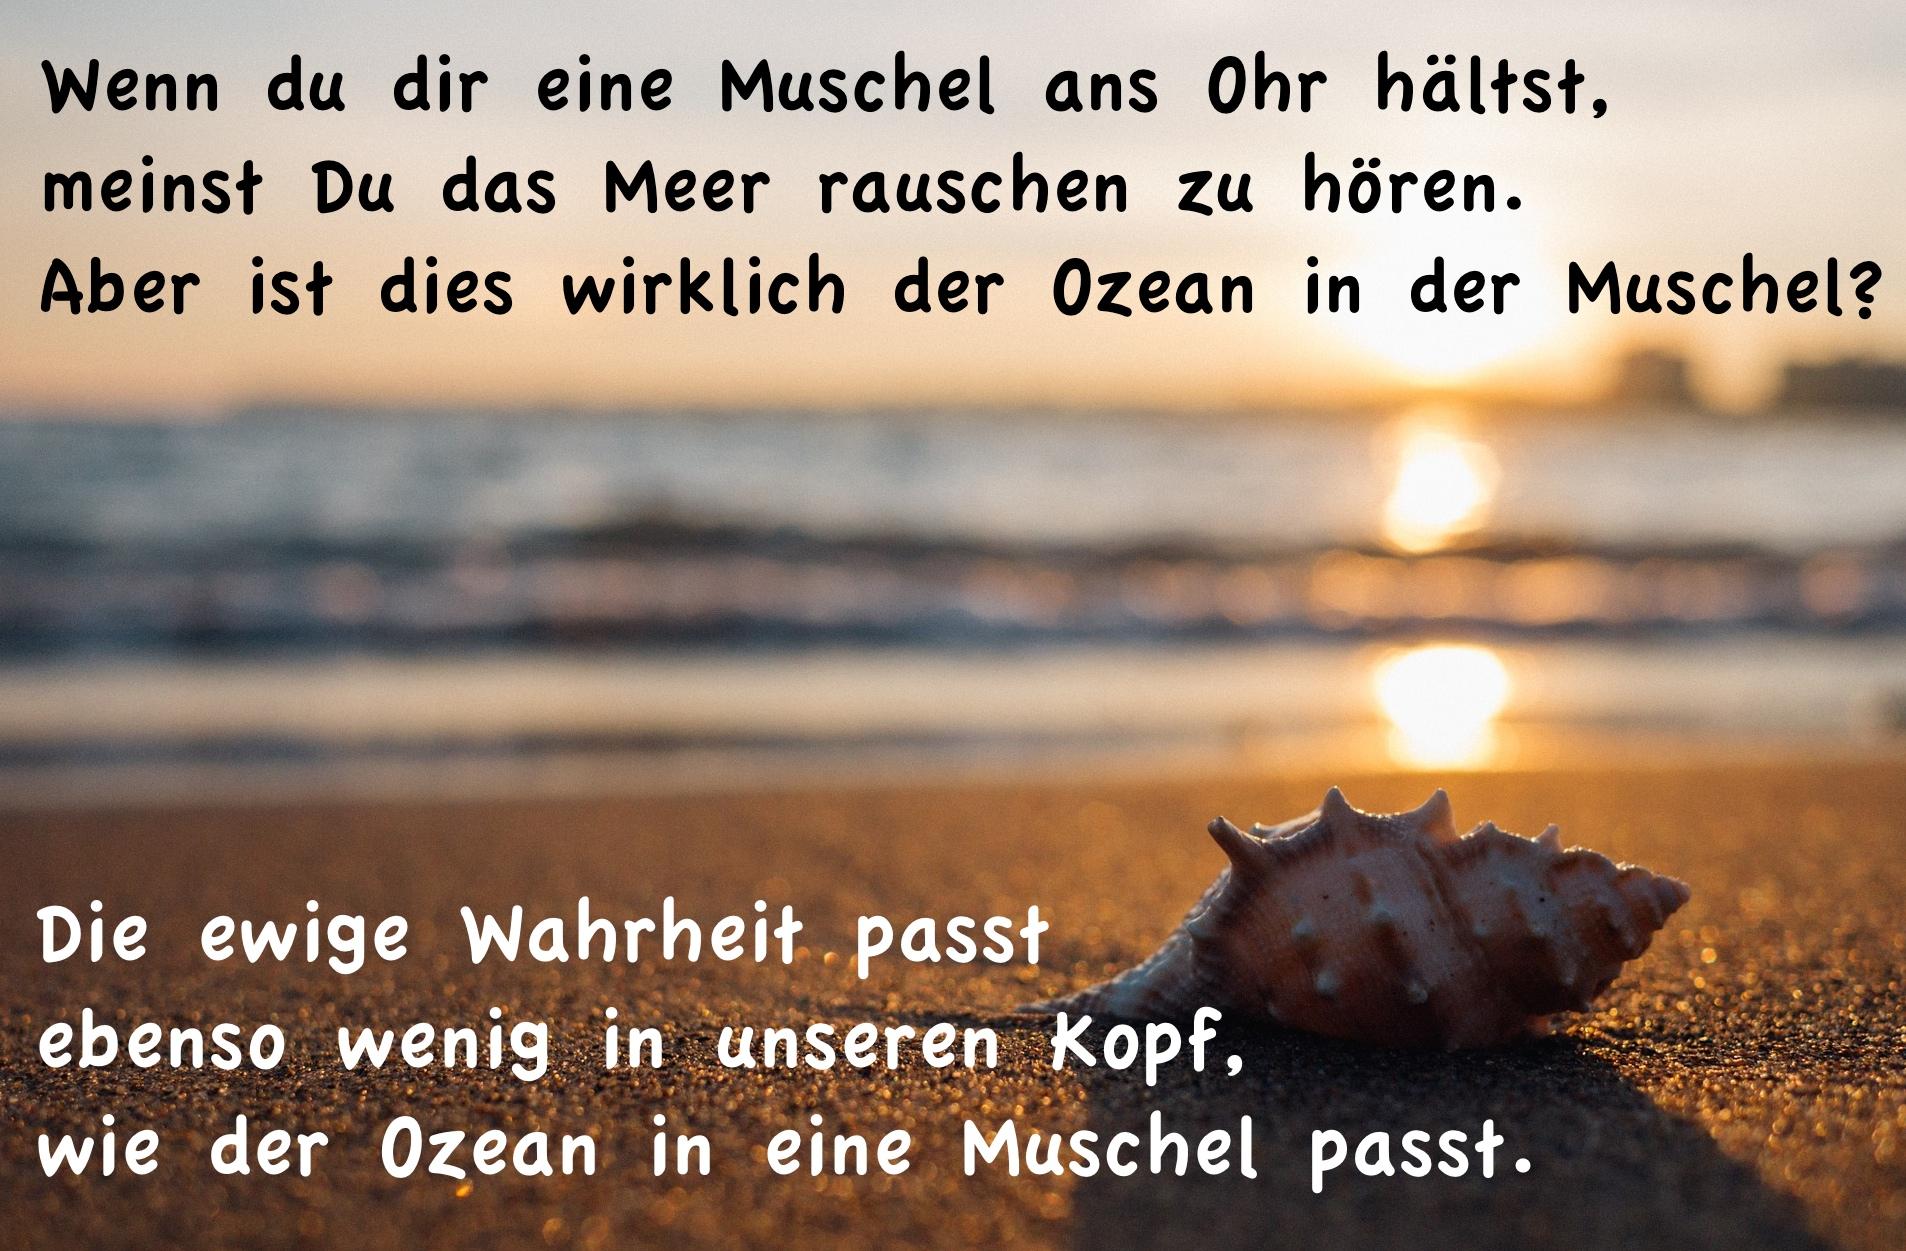 Muschel_Meer3